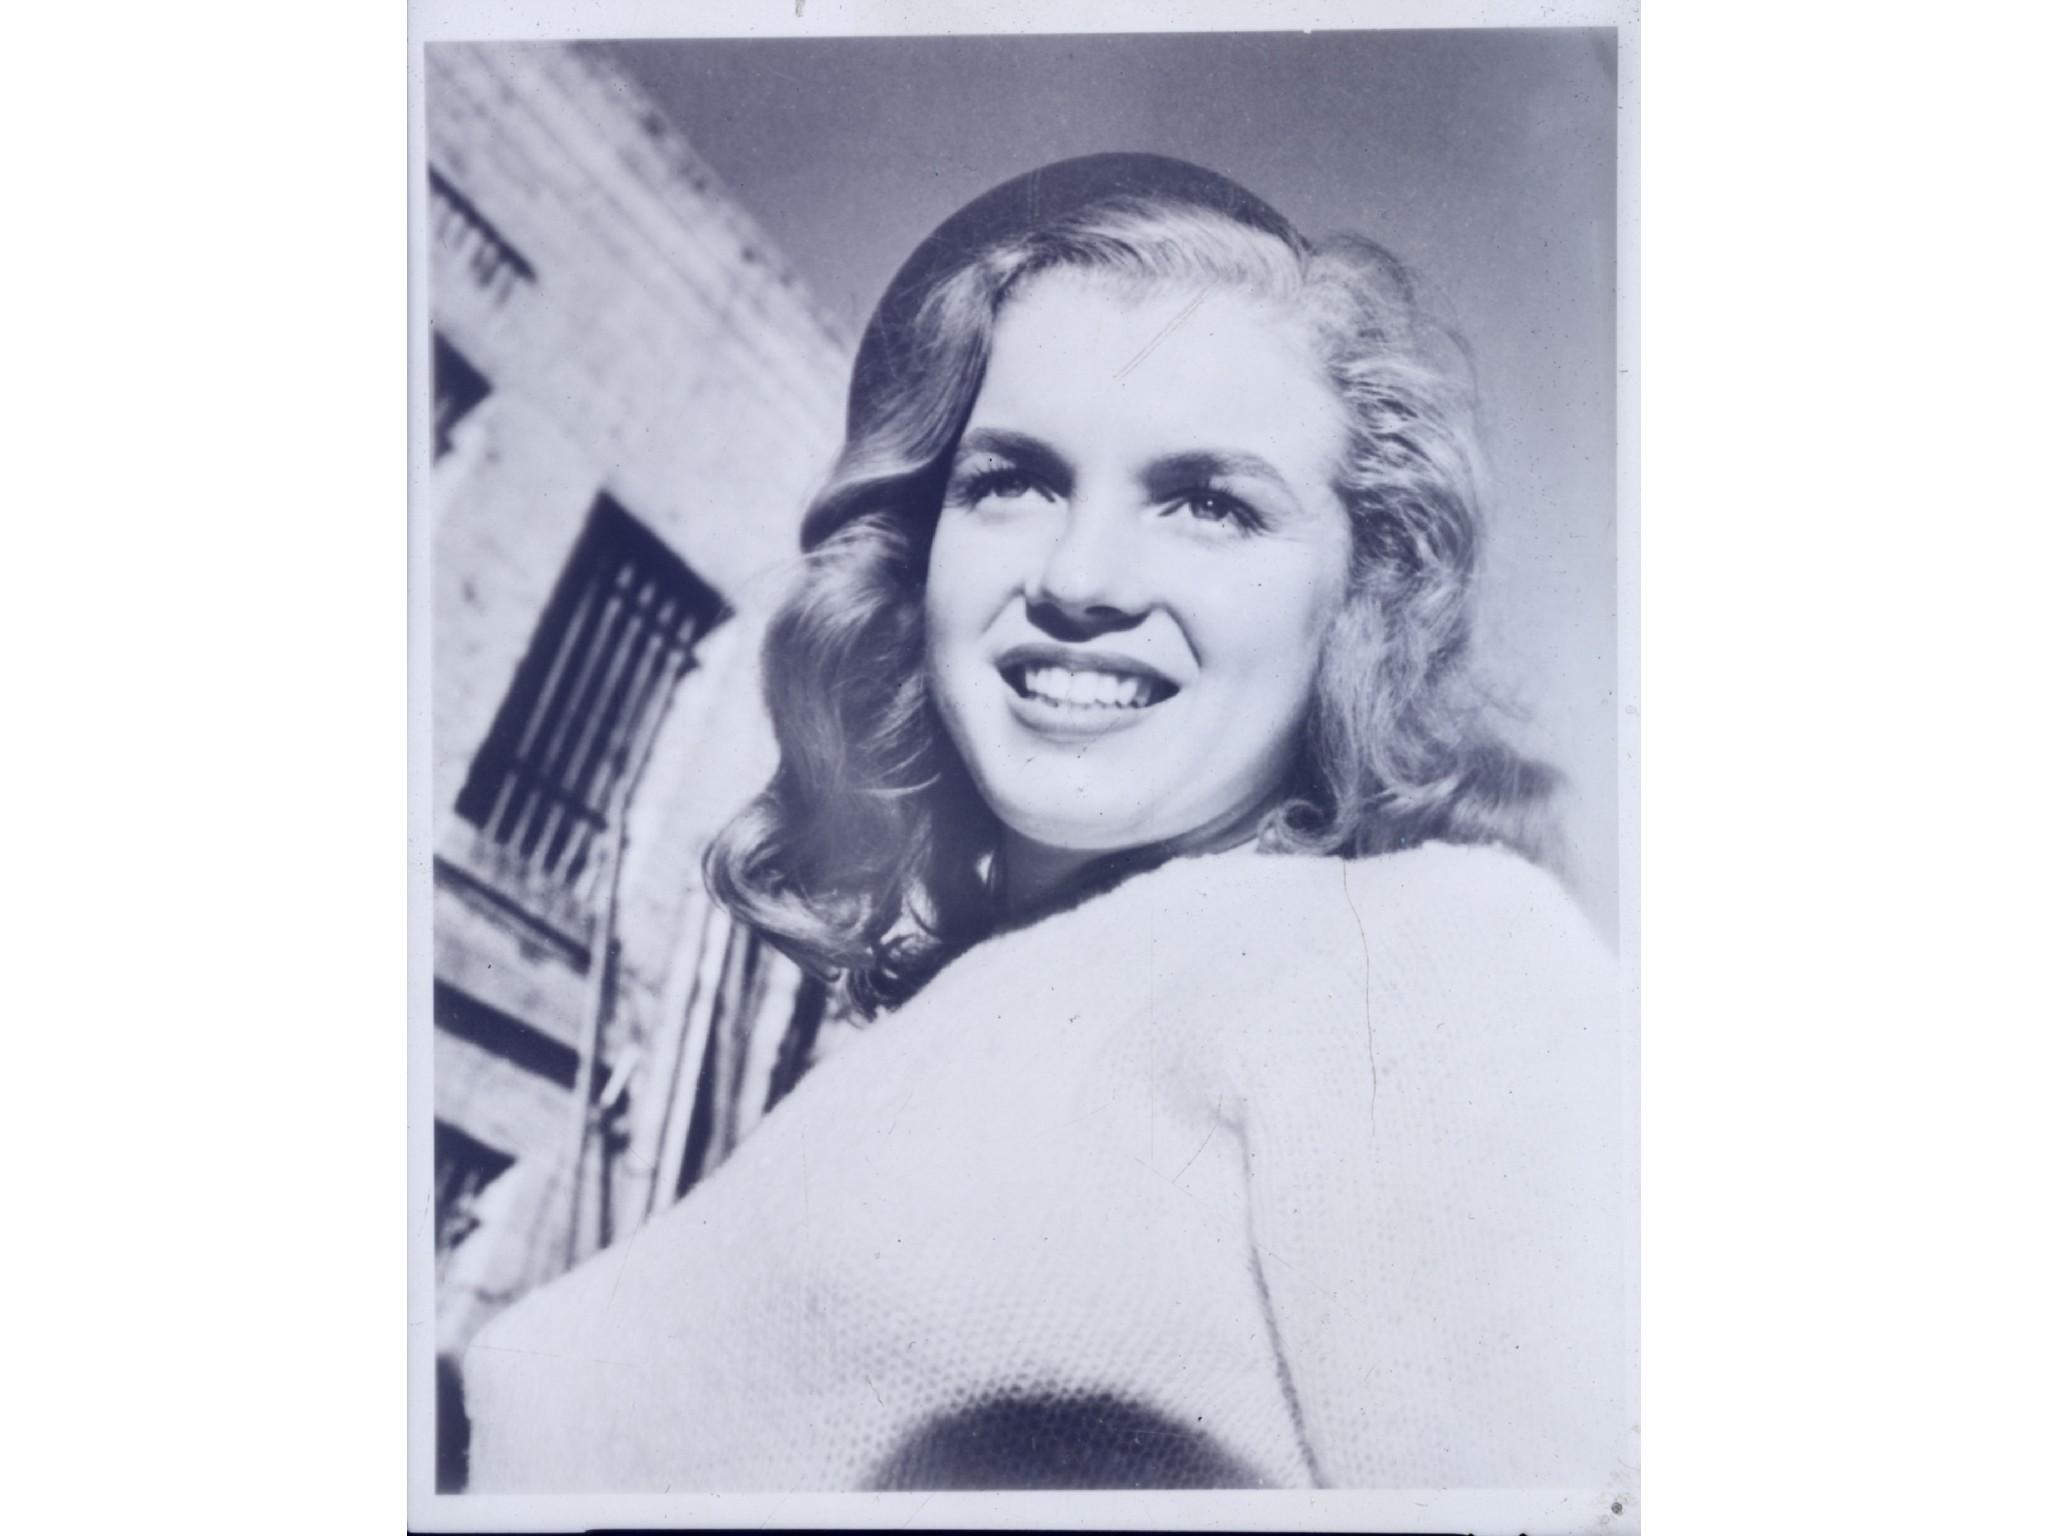 Оригинальная копия снимка первой профессиональной фотографии Мэрилин Монро. Фото: Henry Aldridge & Son The Devizes Auctioneers.